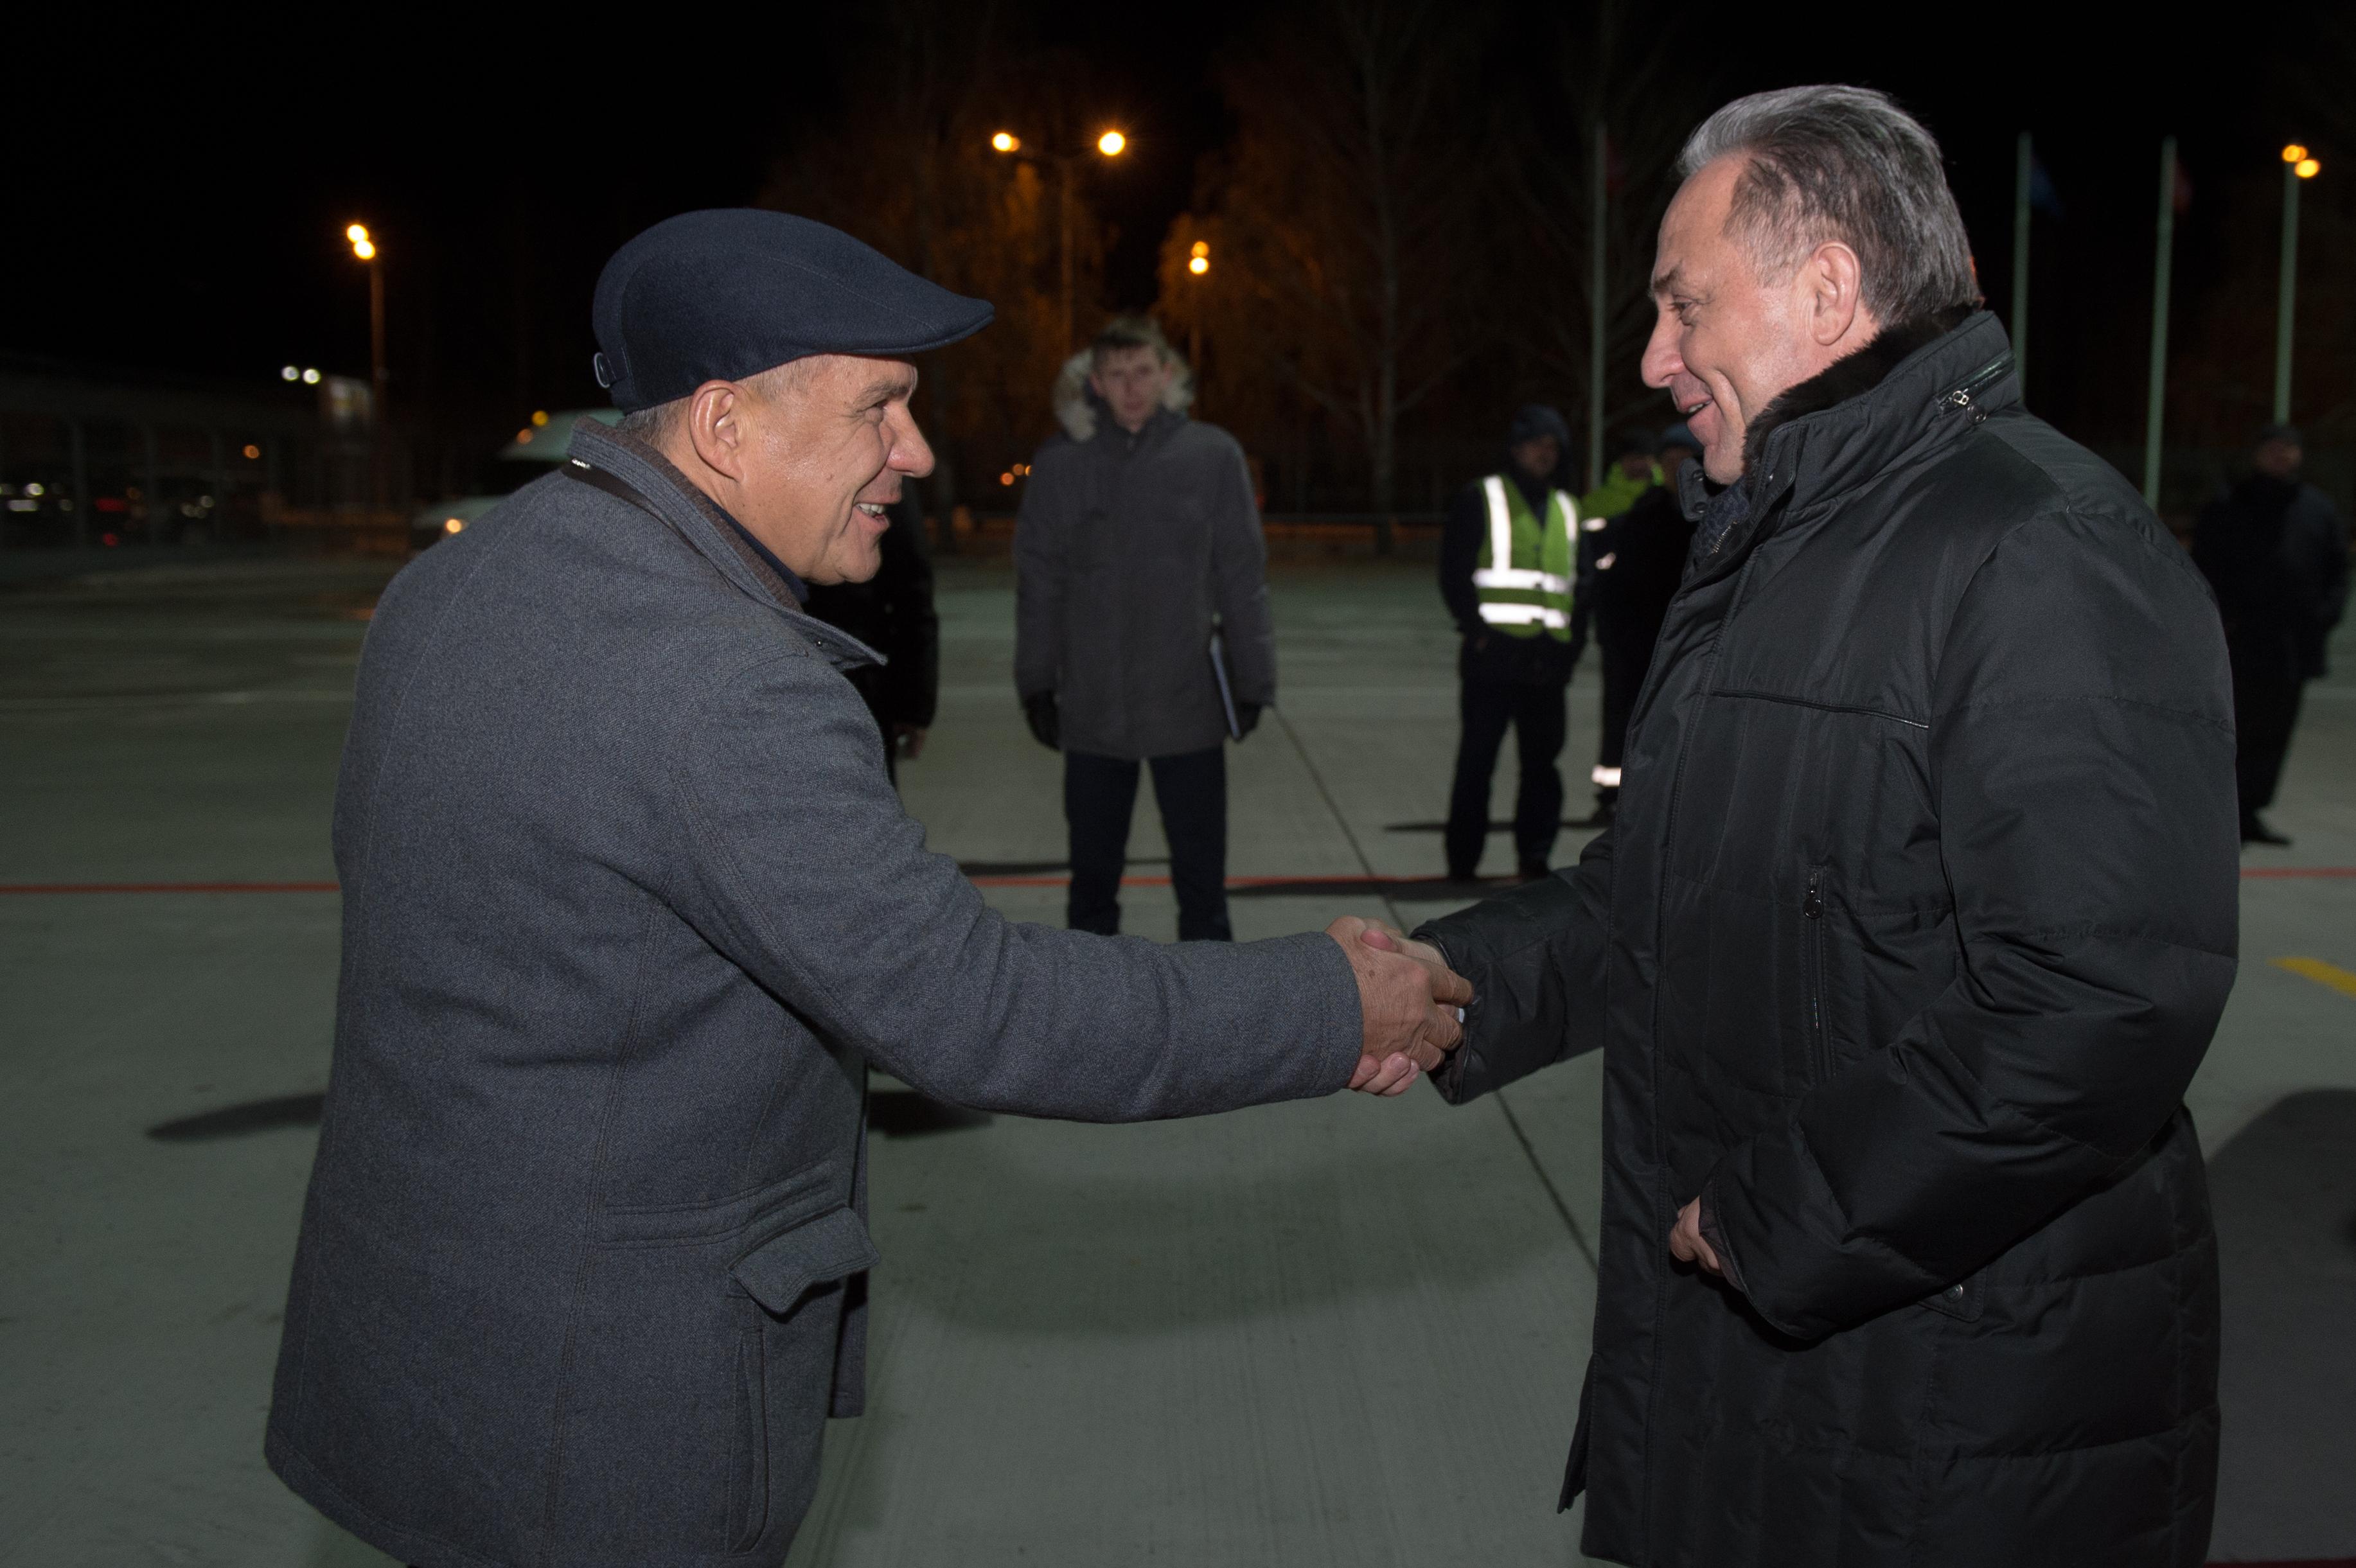 Равиль Зиганшин объявил оготовности строящегося стадиона «Самара Арена» наполовину